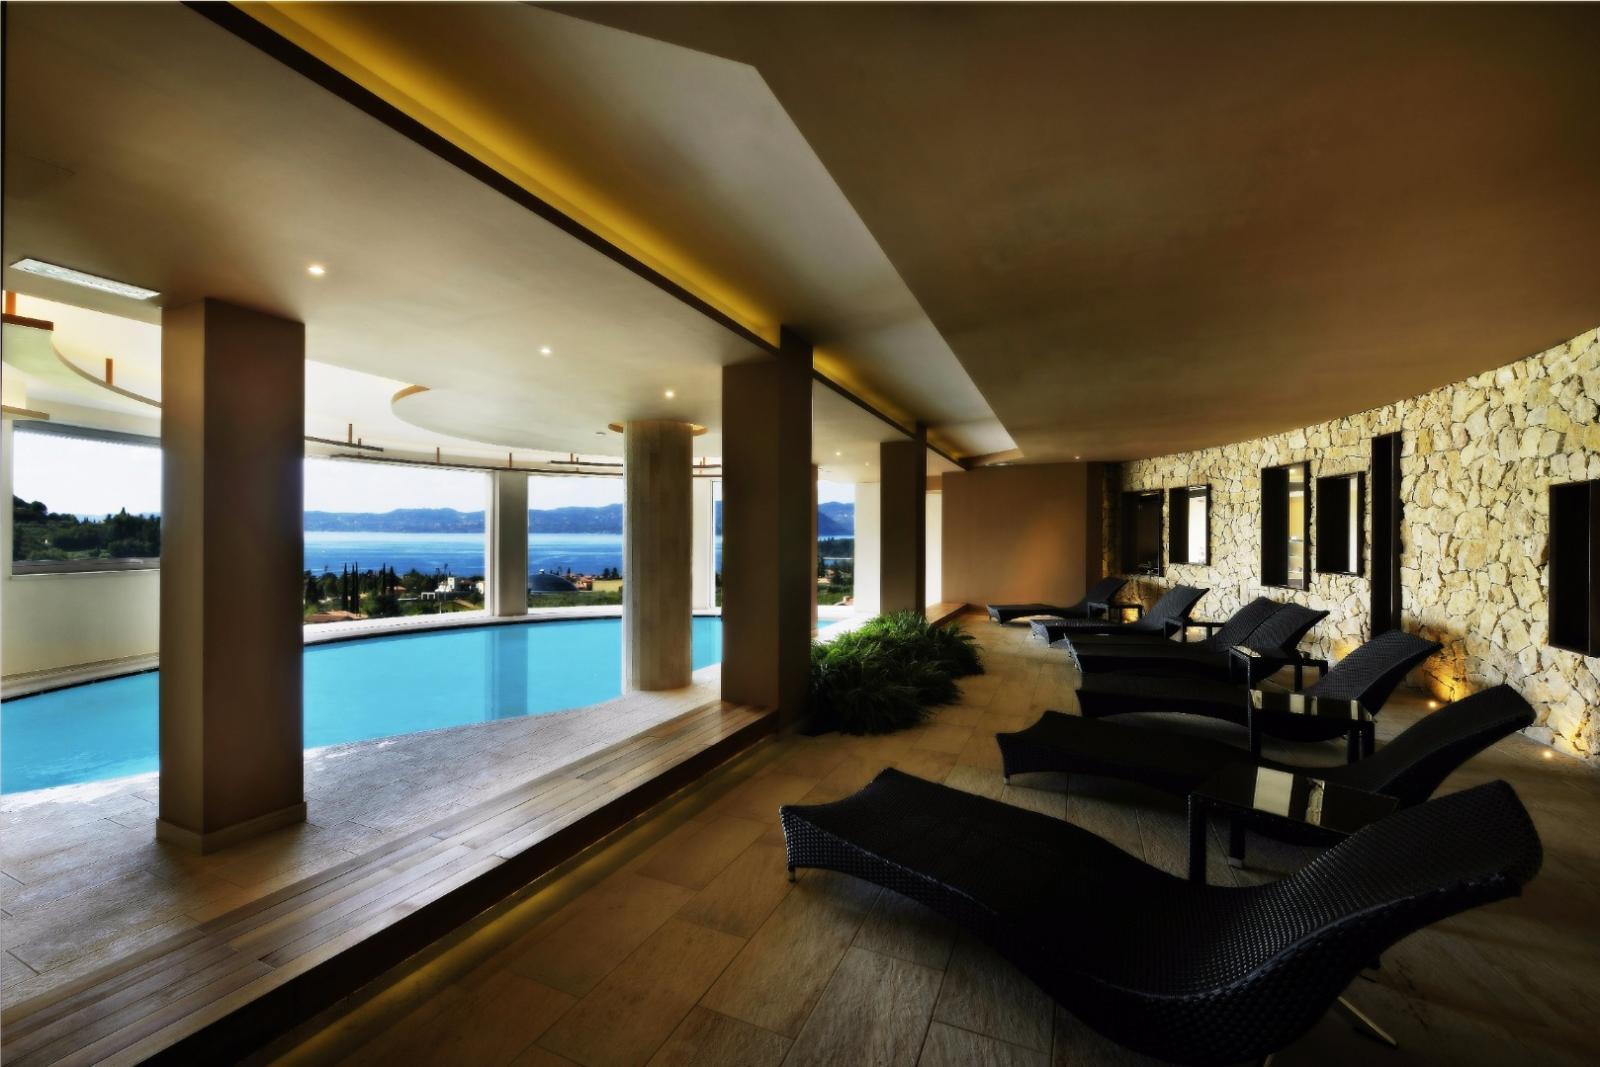 Hotel Poiano Bewertung